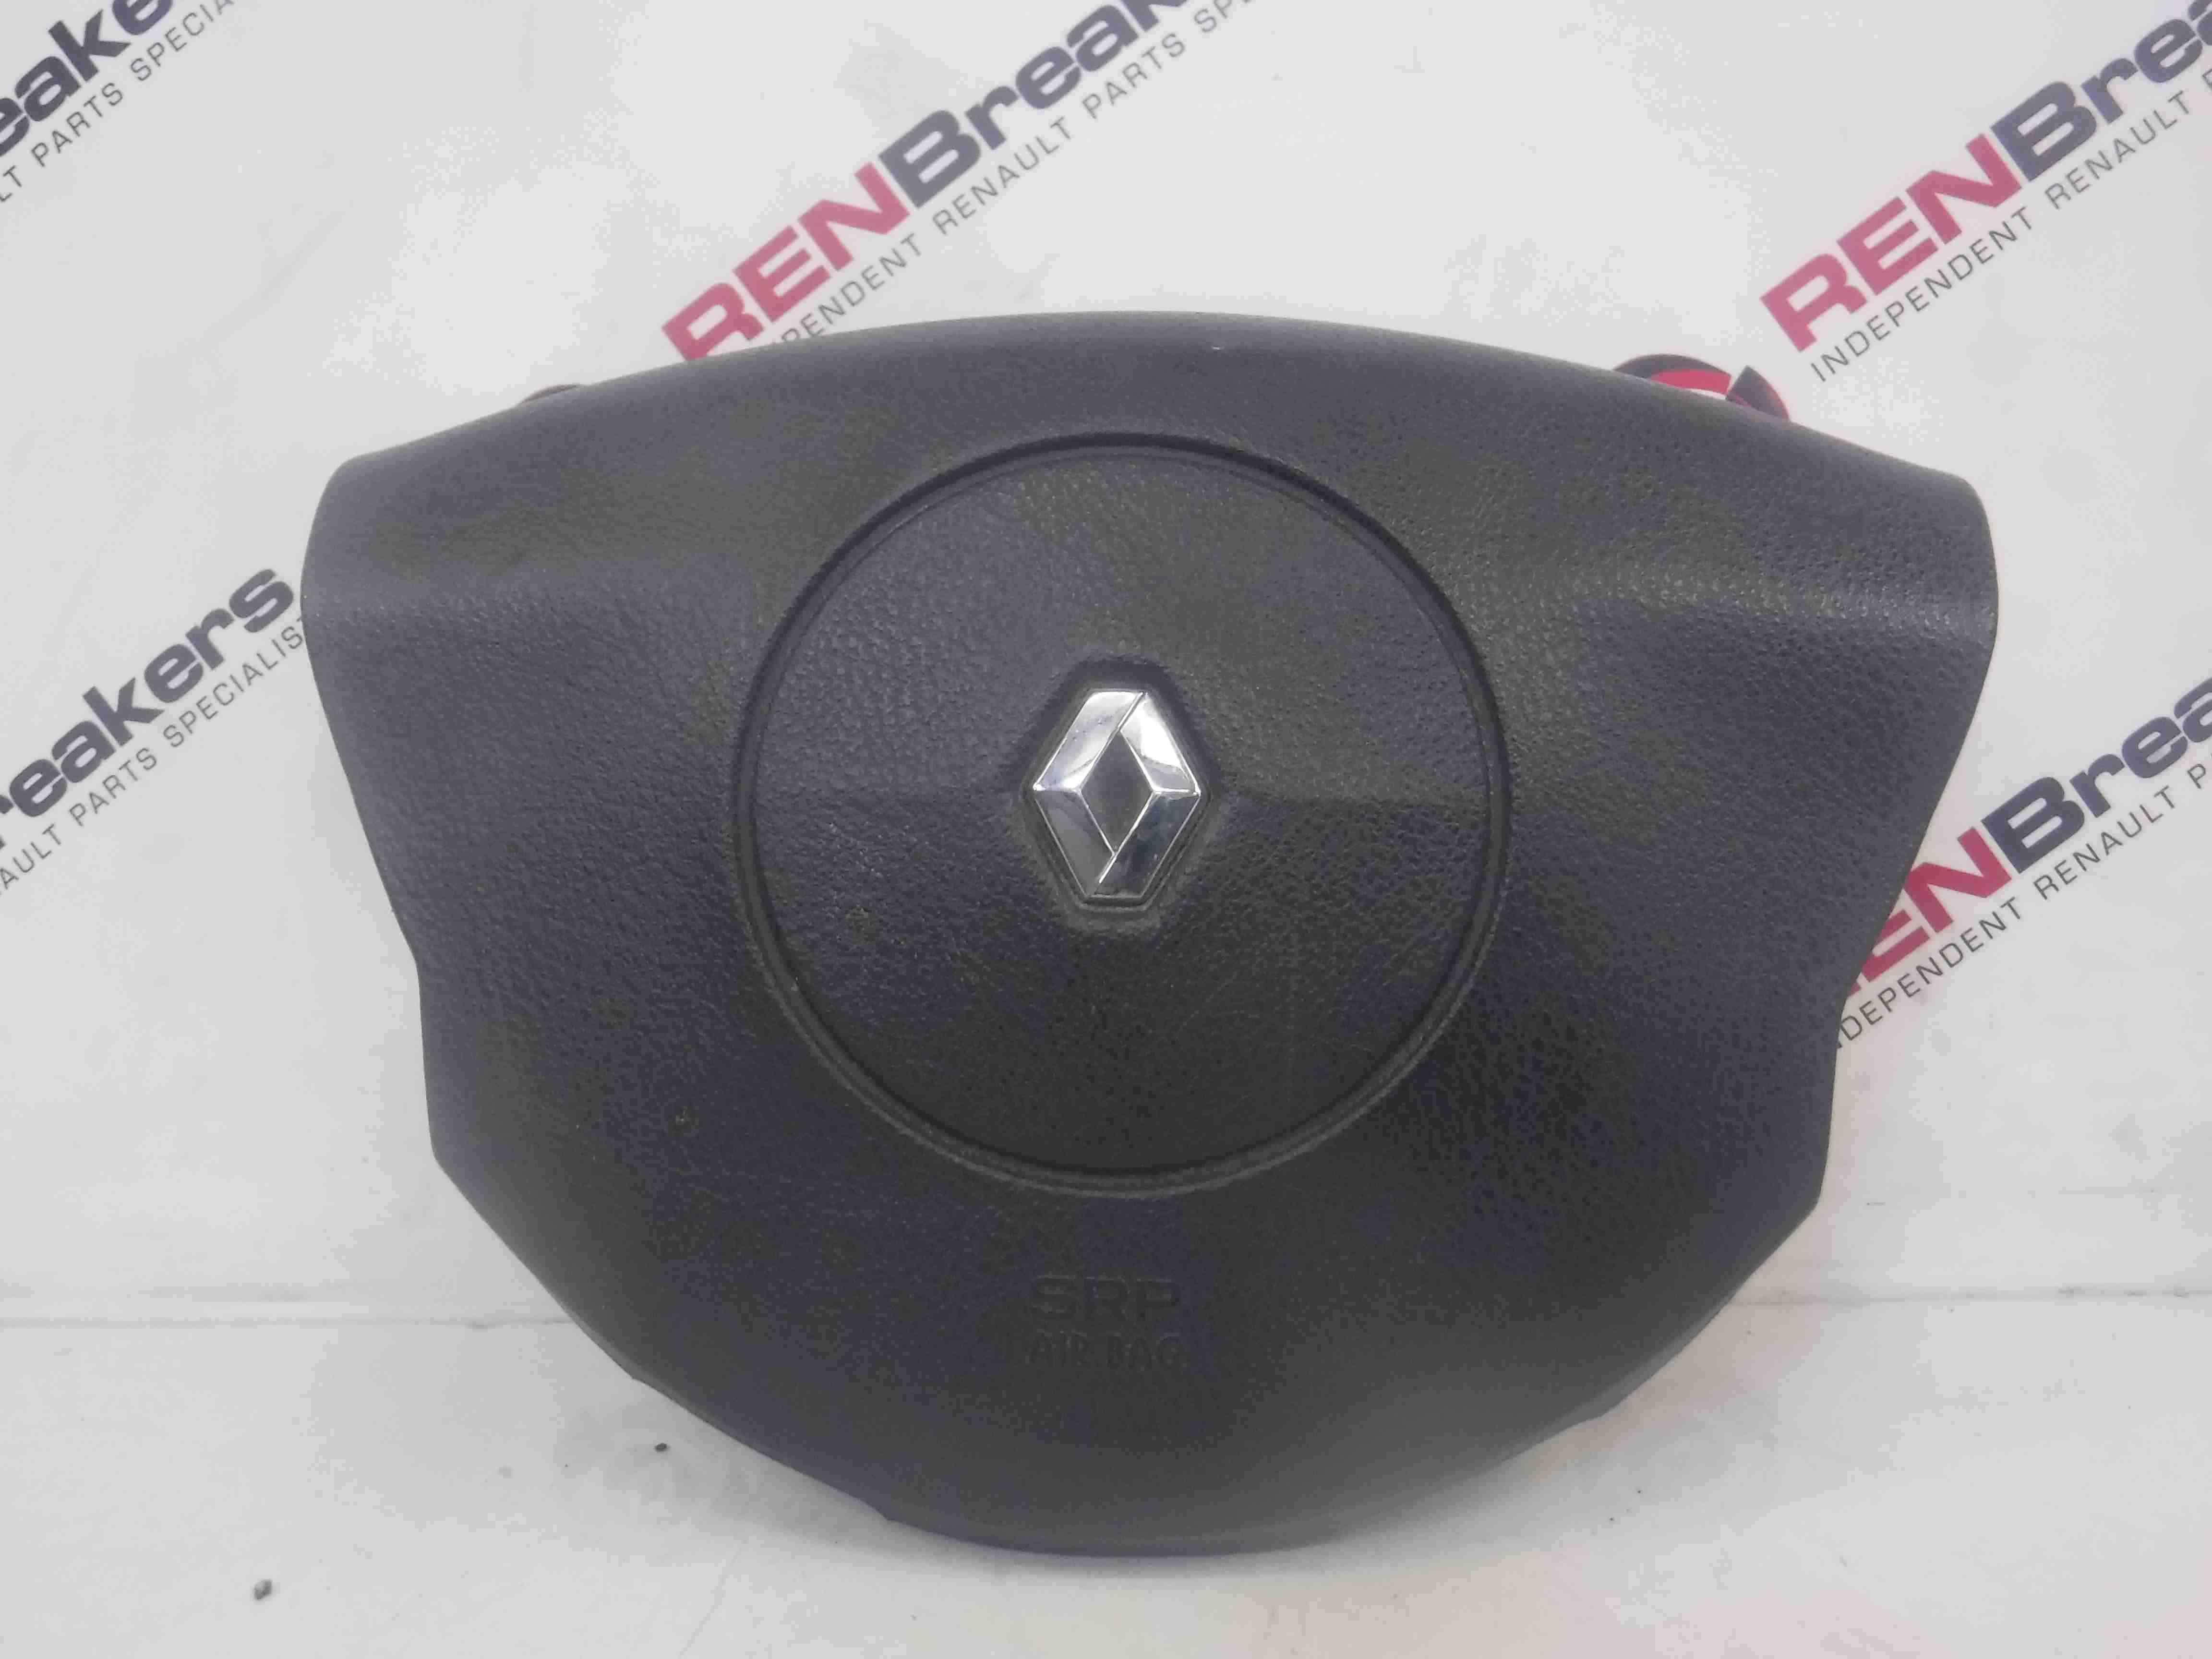 Renault Laguna 2001-2005 Steering Wheel Airbag 8200071203